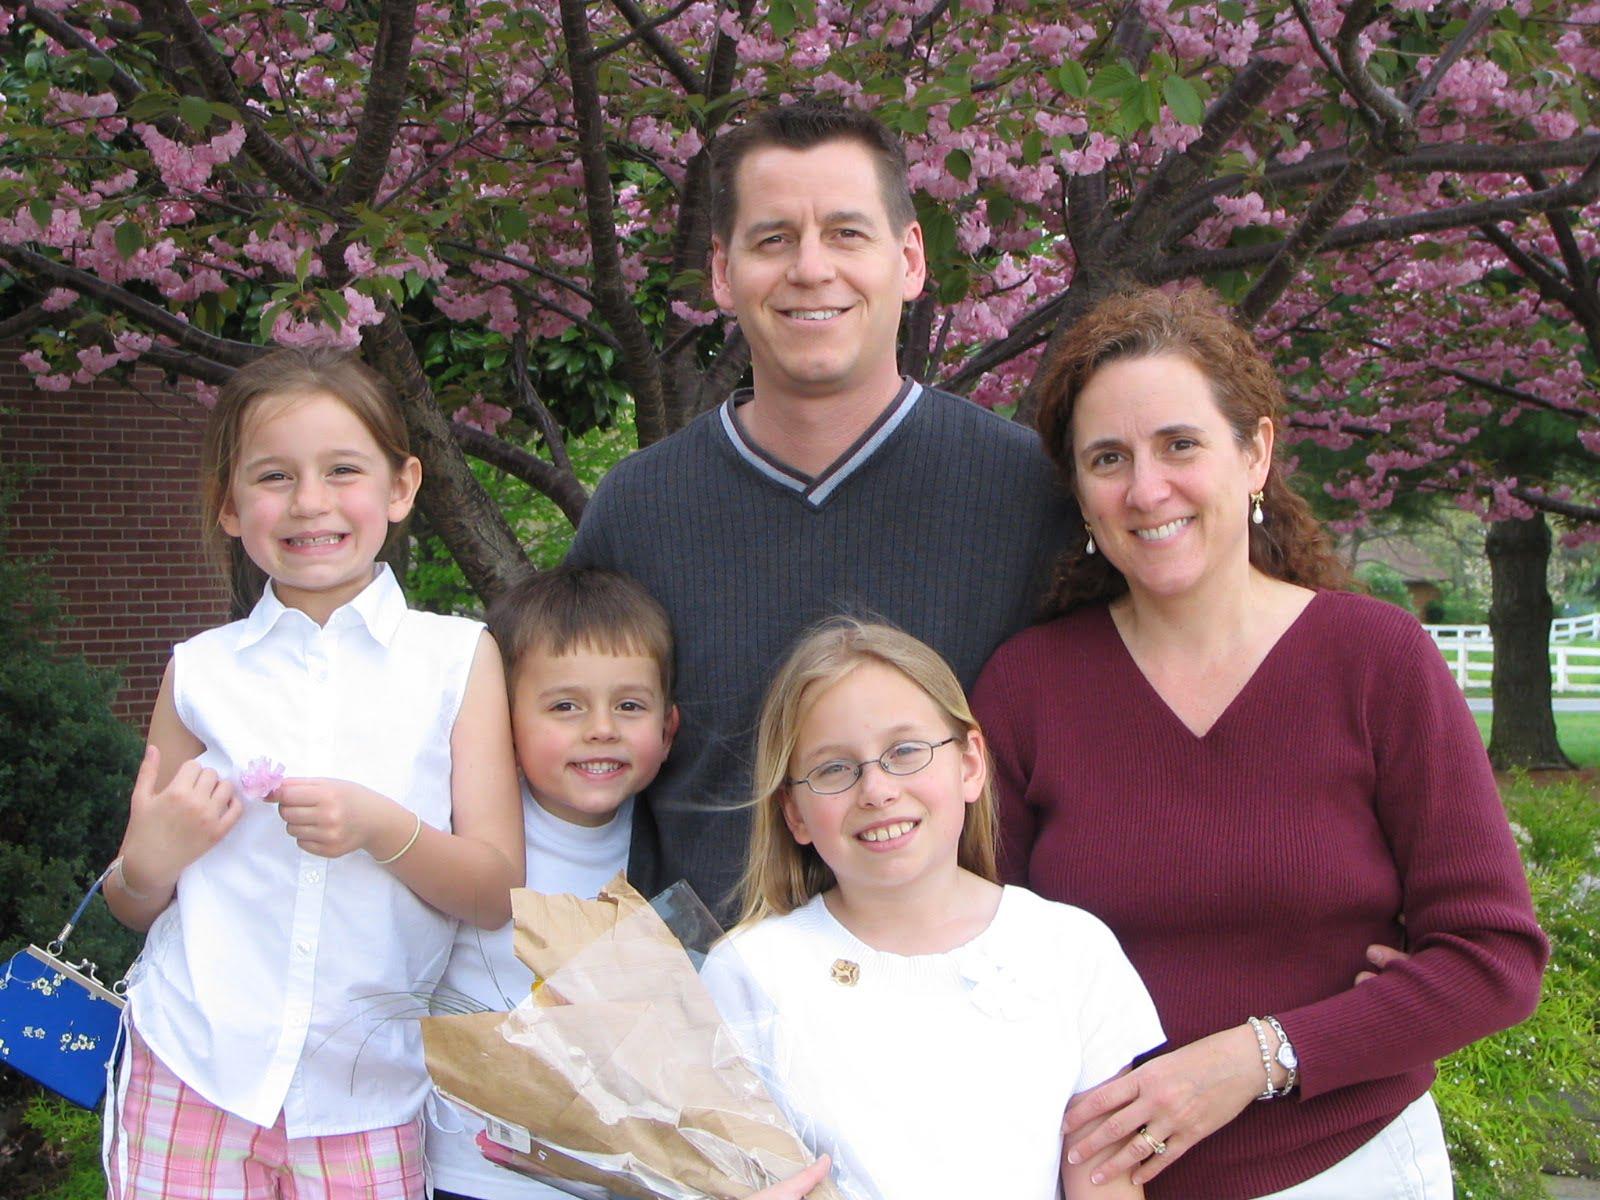 familie blog verlosung gewinnspiel